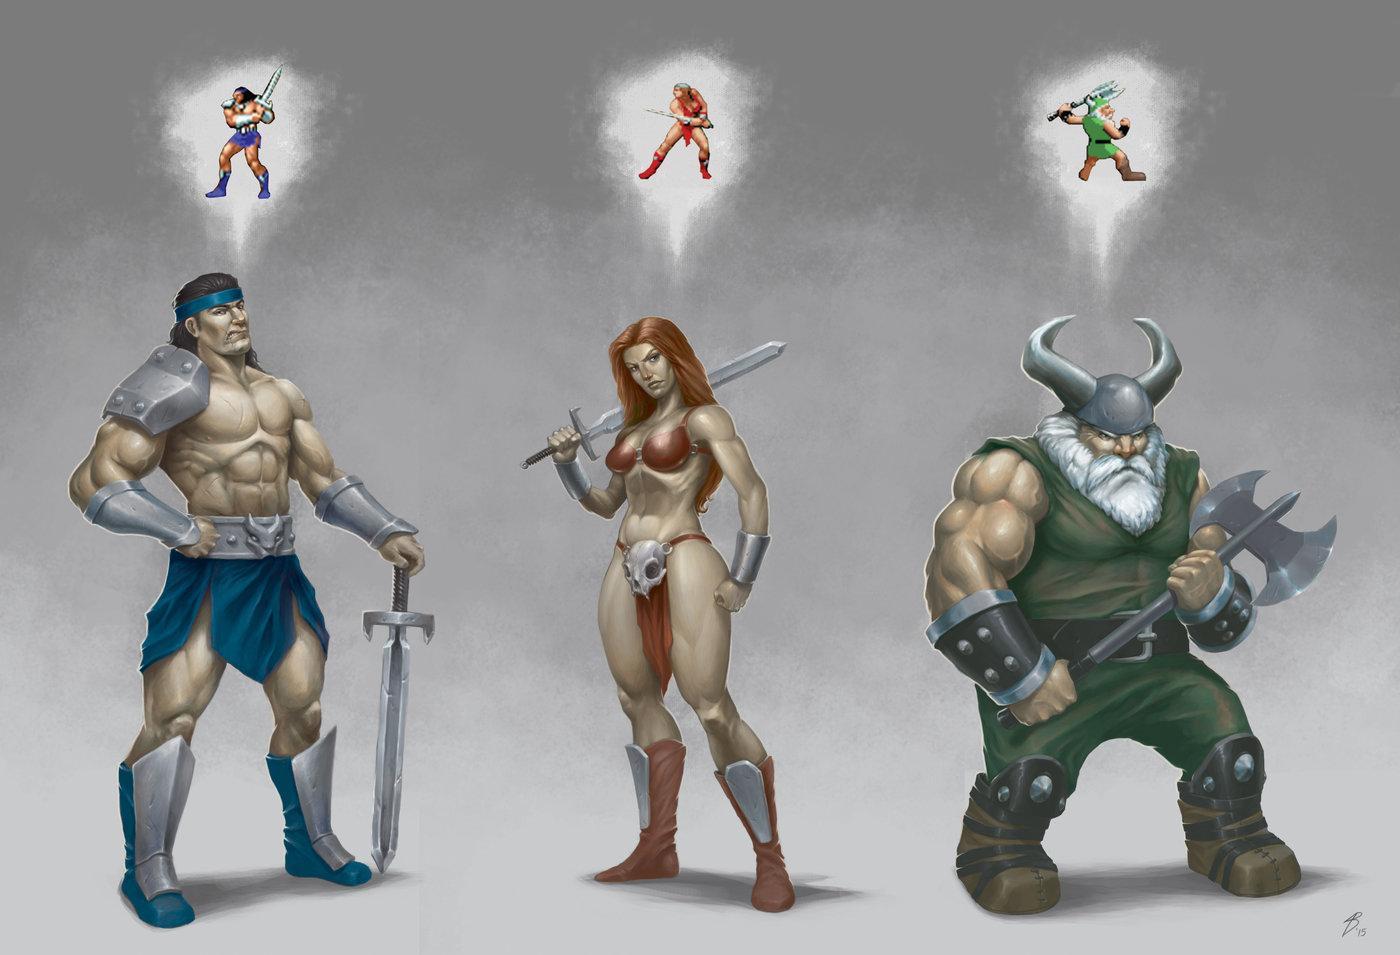 Character Design Artist Salary : Concept art golden axe ii by alex bosoy at coroflot